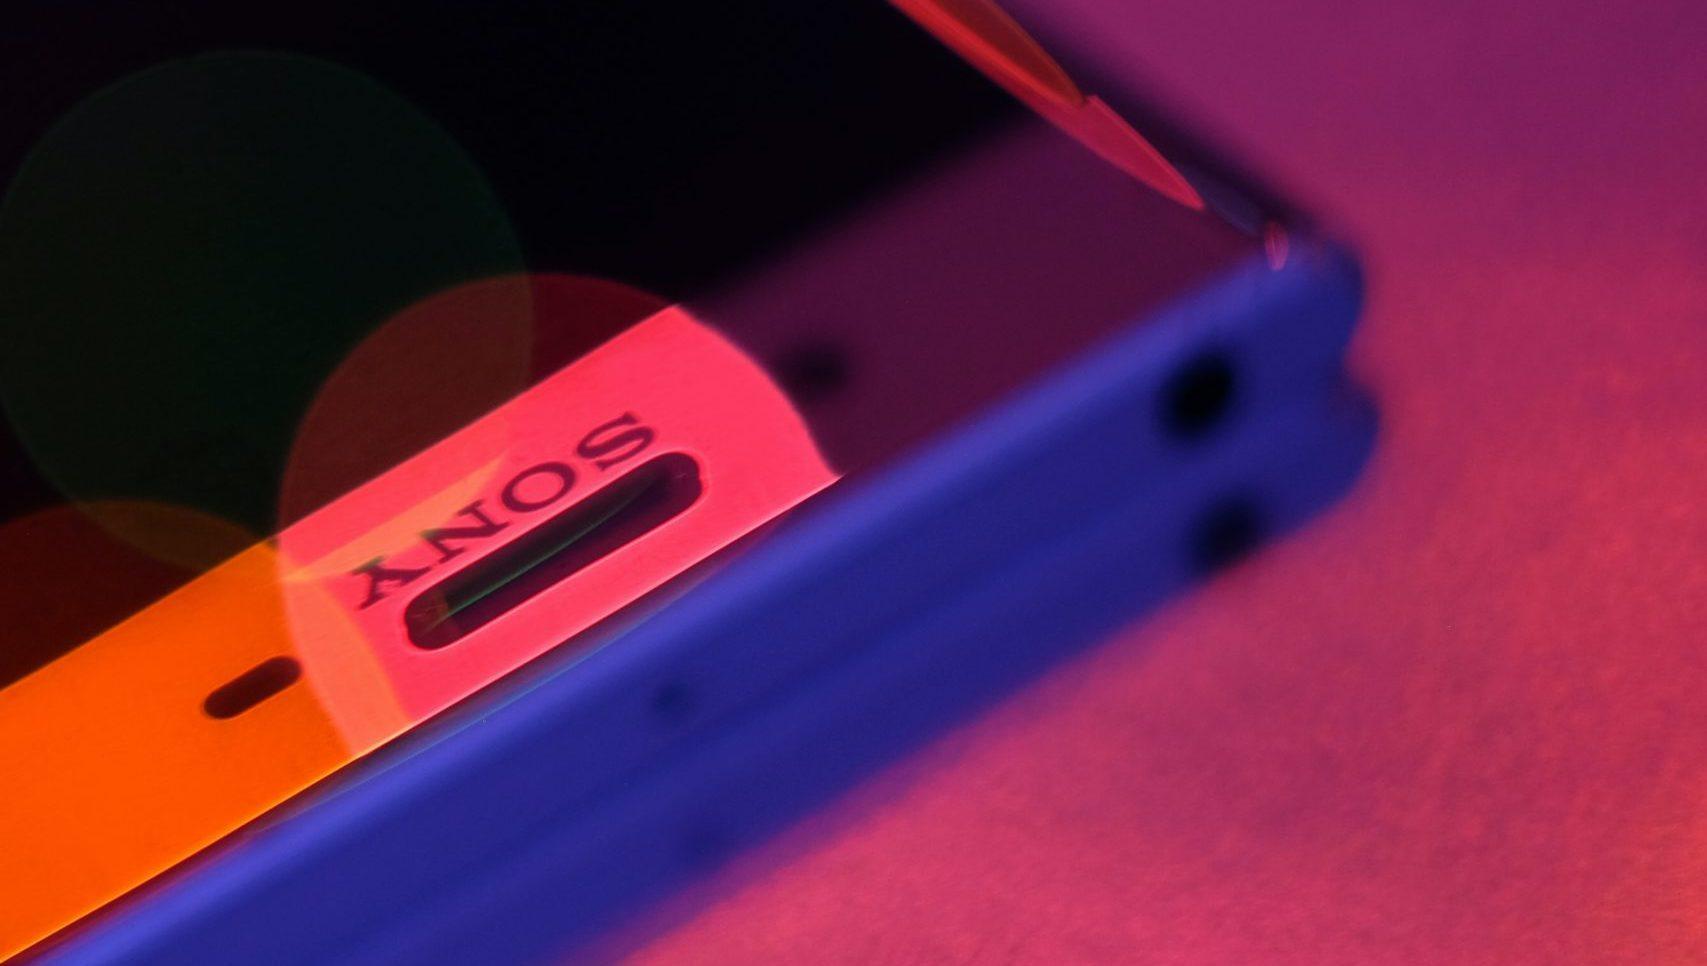 Sony enttäuscht mit wenigen Updates für die Xperia-Reihe – Android 11 für nur 5 Modelle